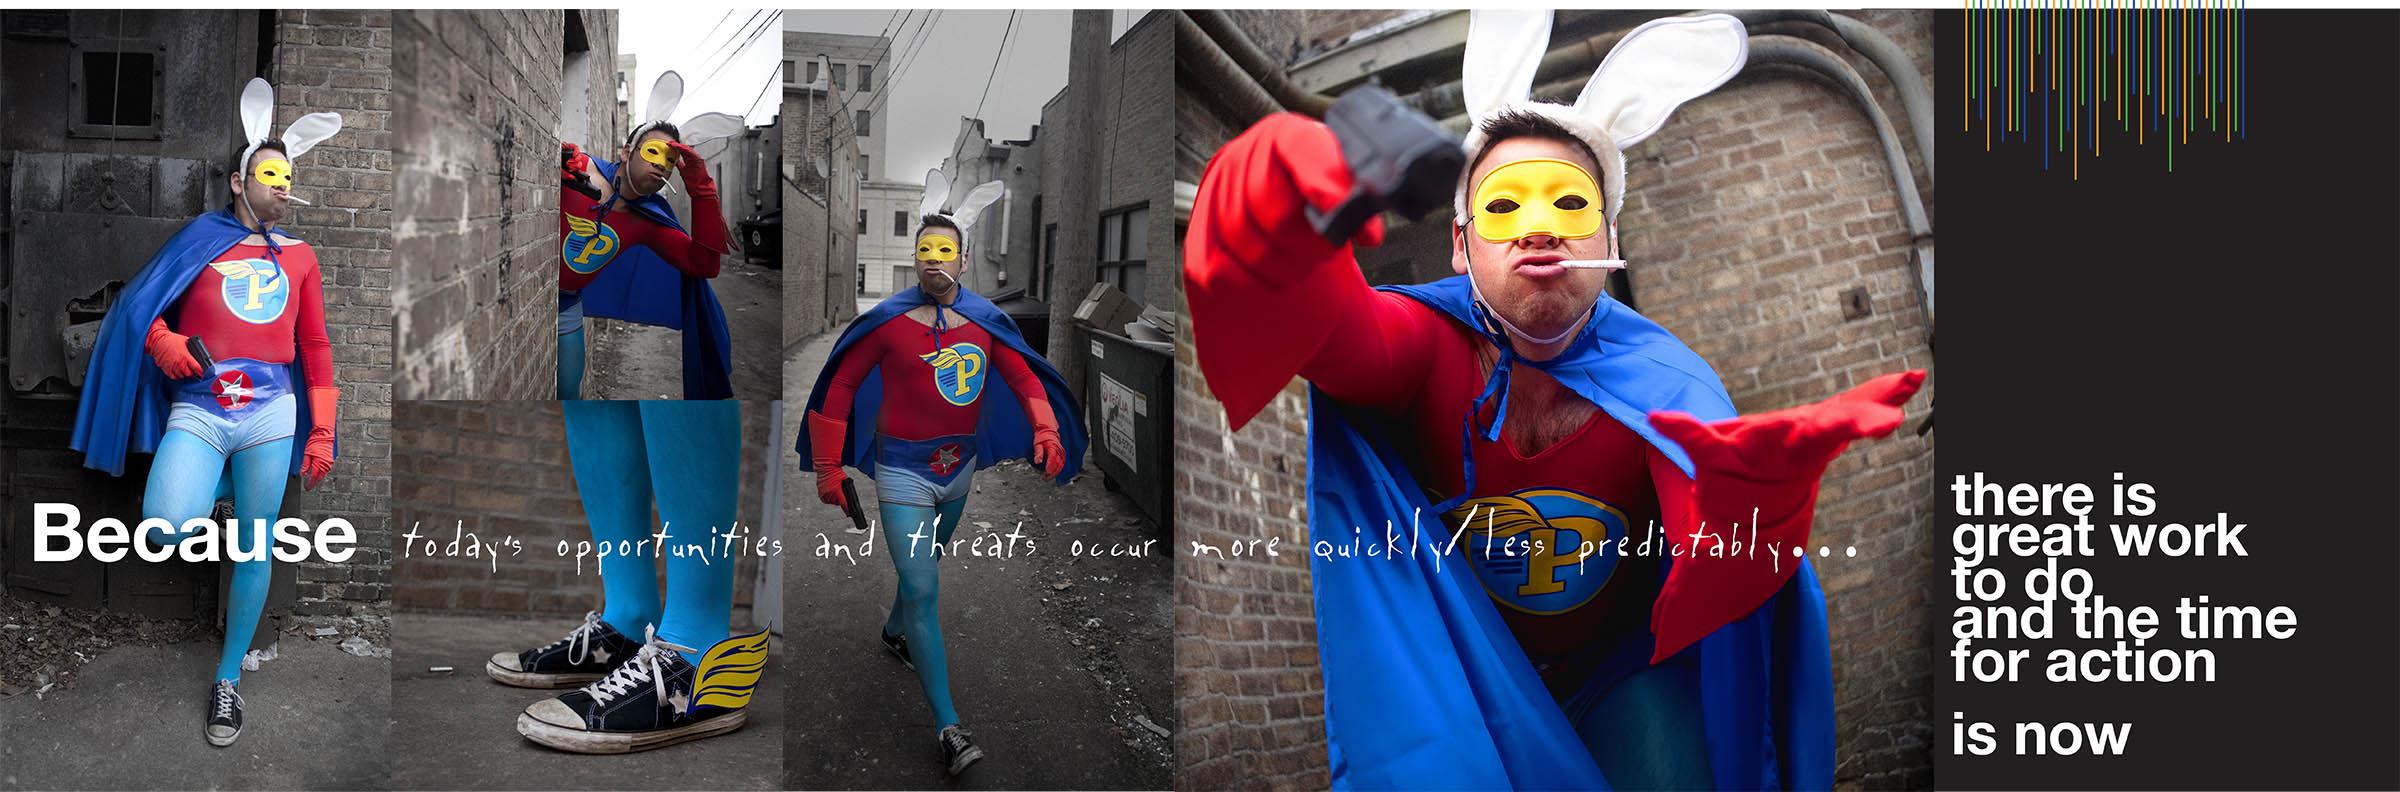 MD_Super_hero_centerfold.jpg